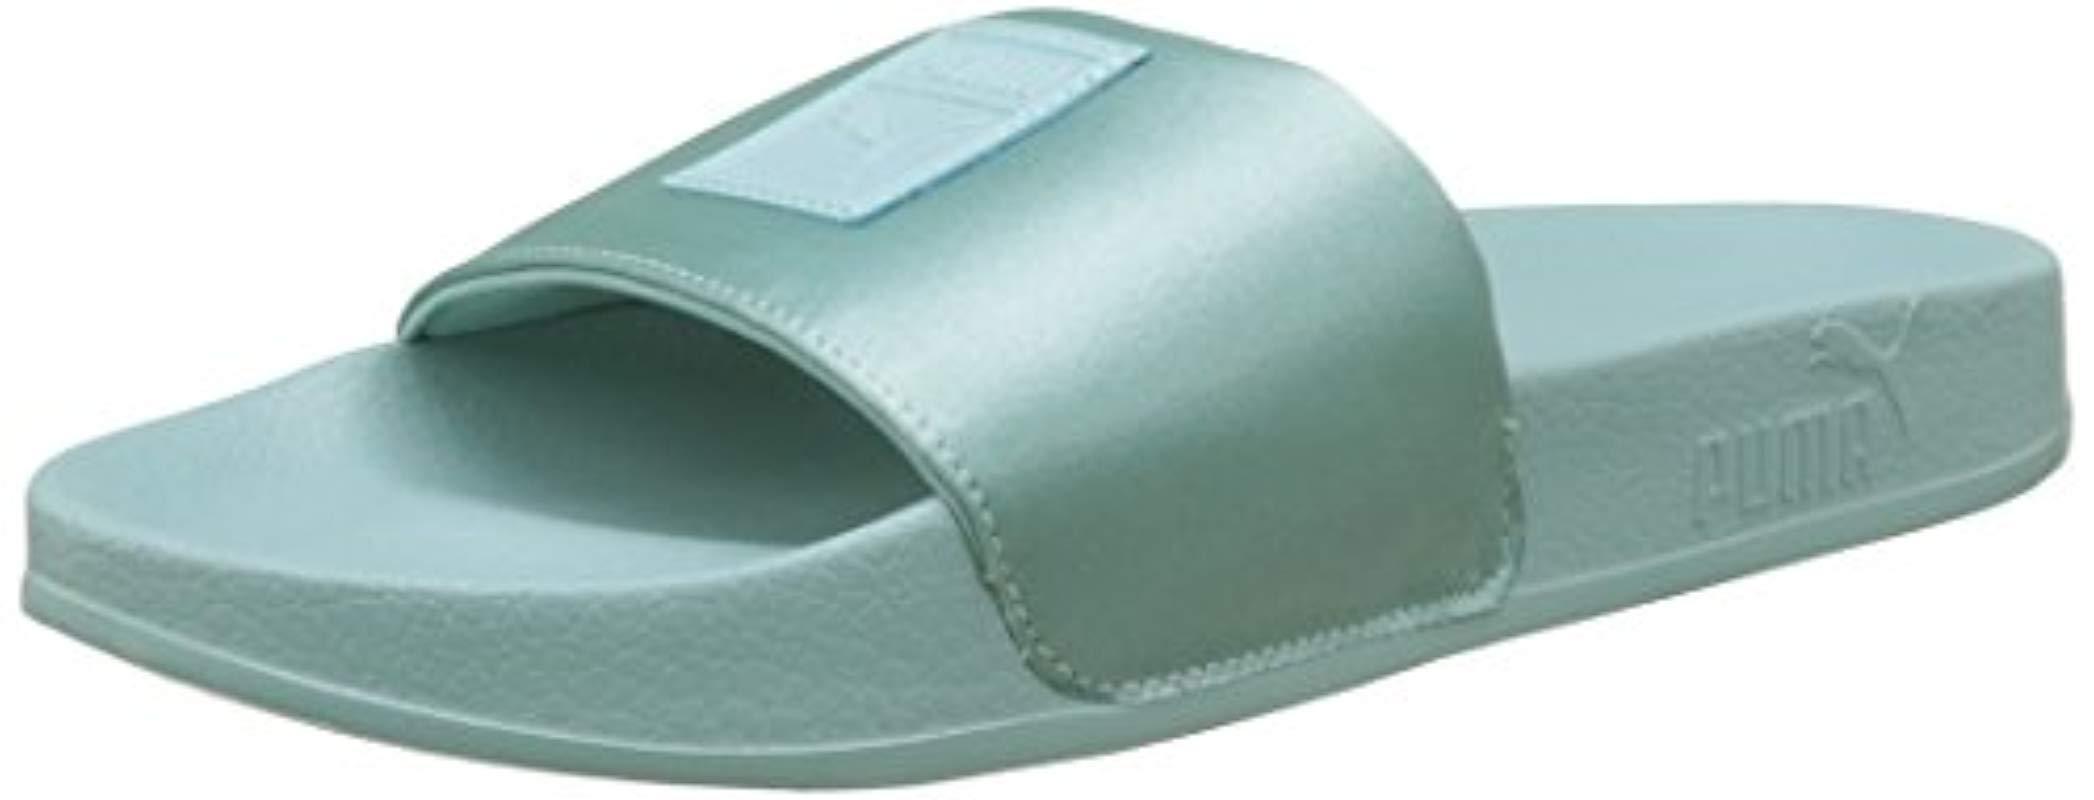 Puma Leadcat Patent Wns Chaussures De Plage & Piscine Femme ... pour Sandales De Piscine